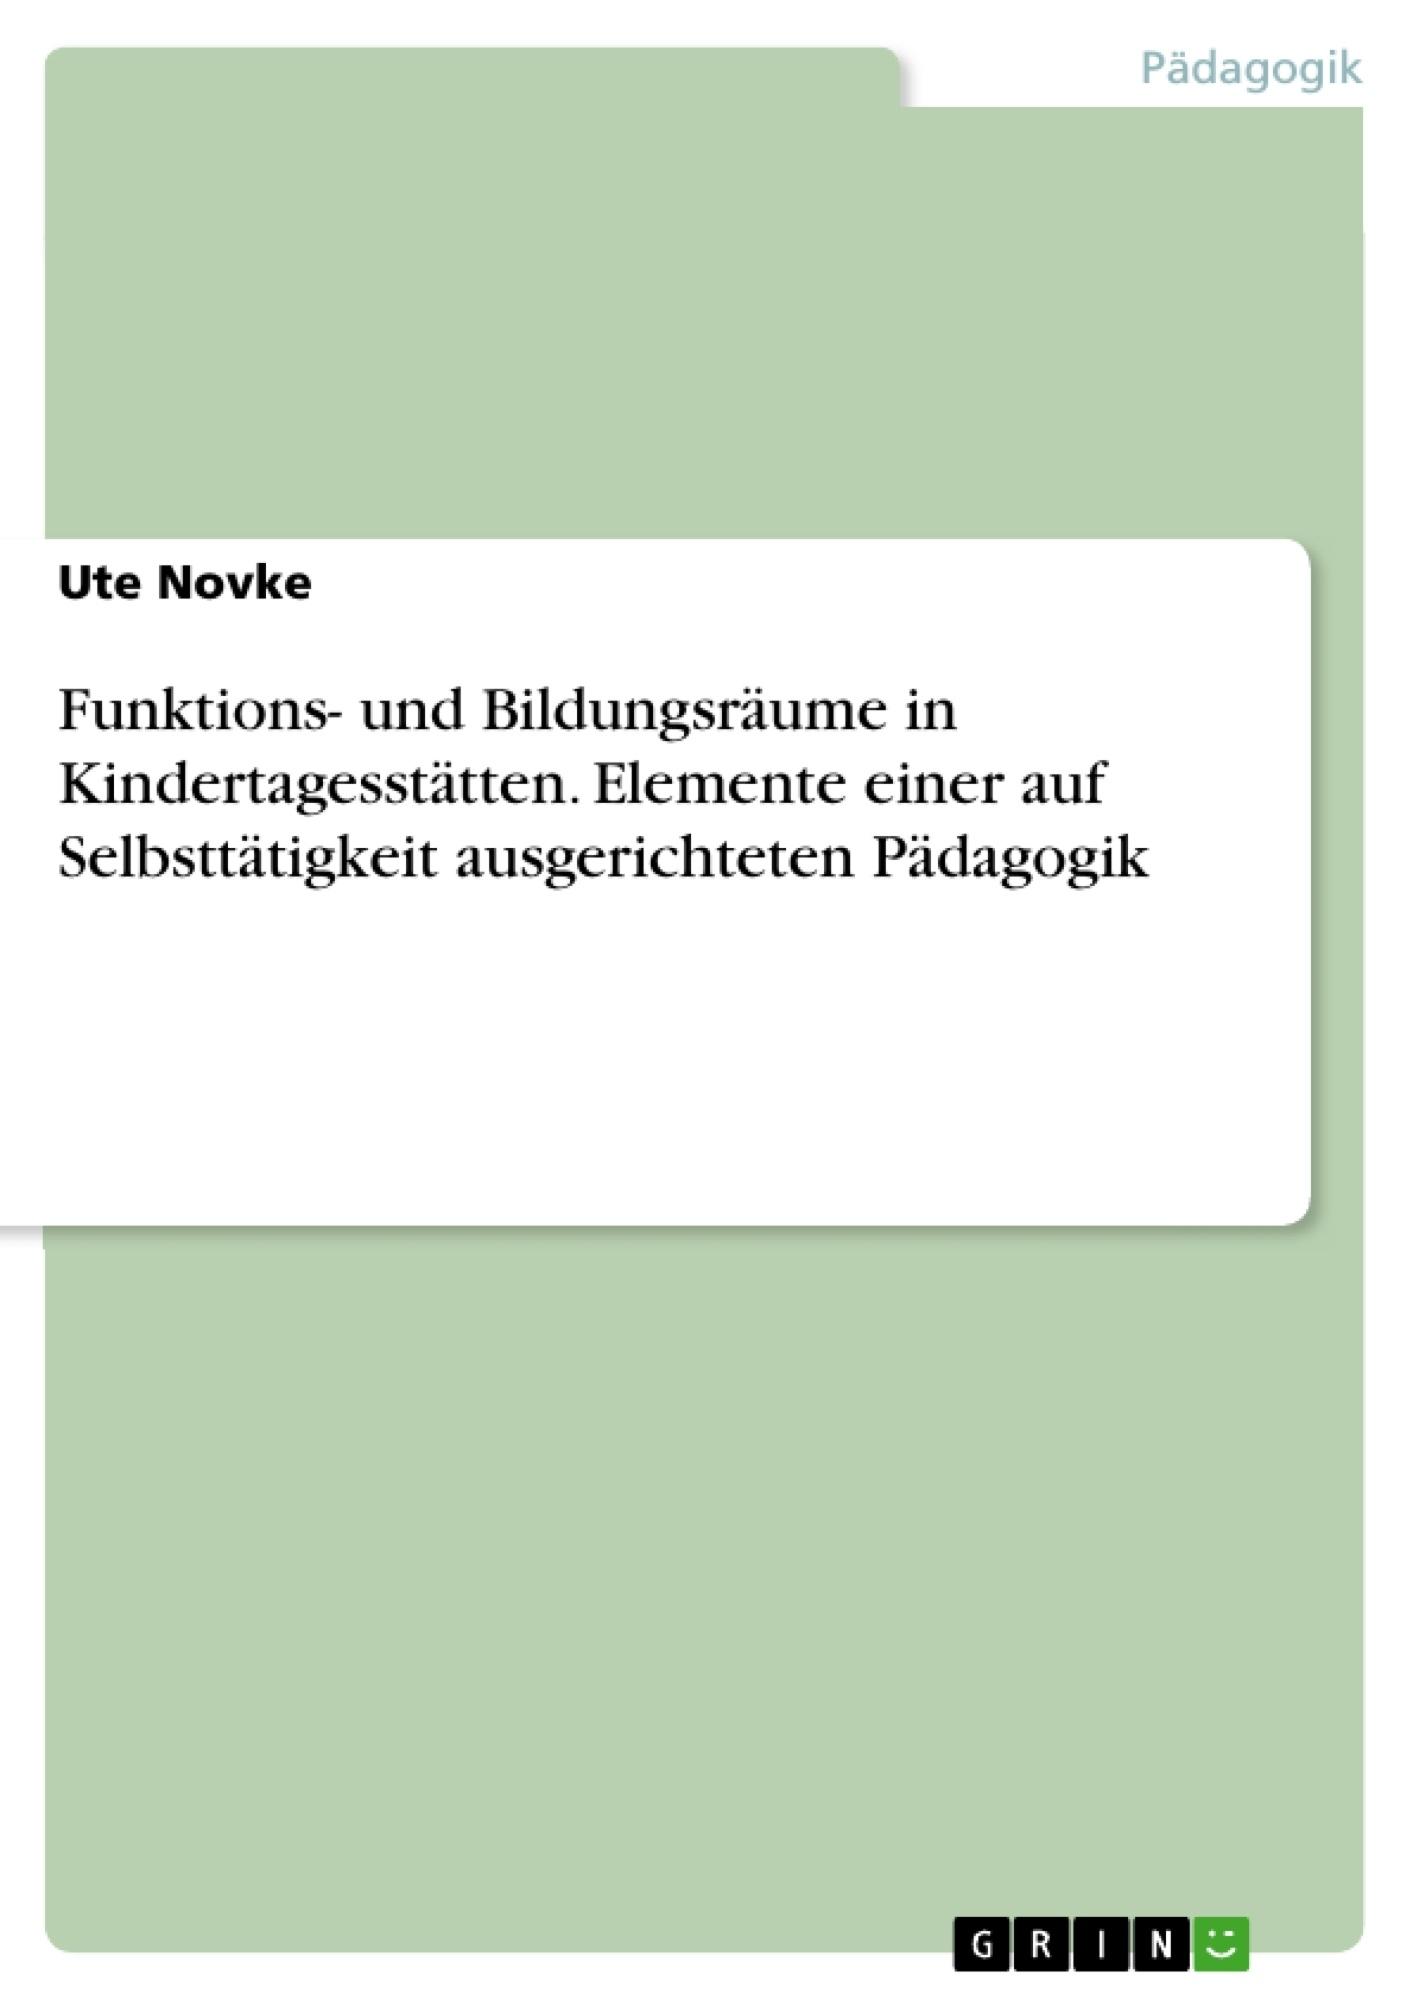 Titel: Funktions- und Bildungsräume in Kindertagesstätten. Elemente einer auf Selbsttätigkeit ausgerichteten Pädagogik